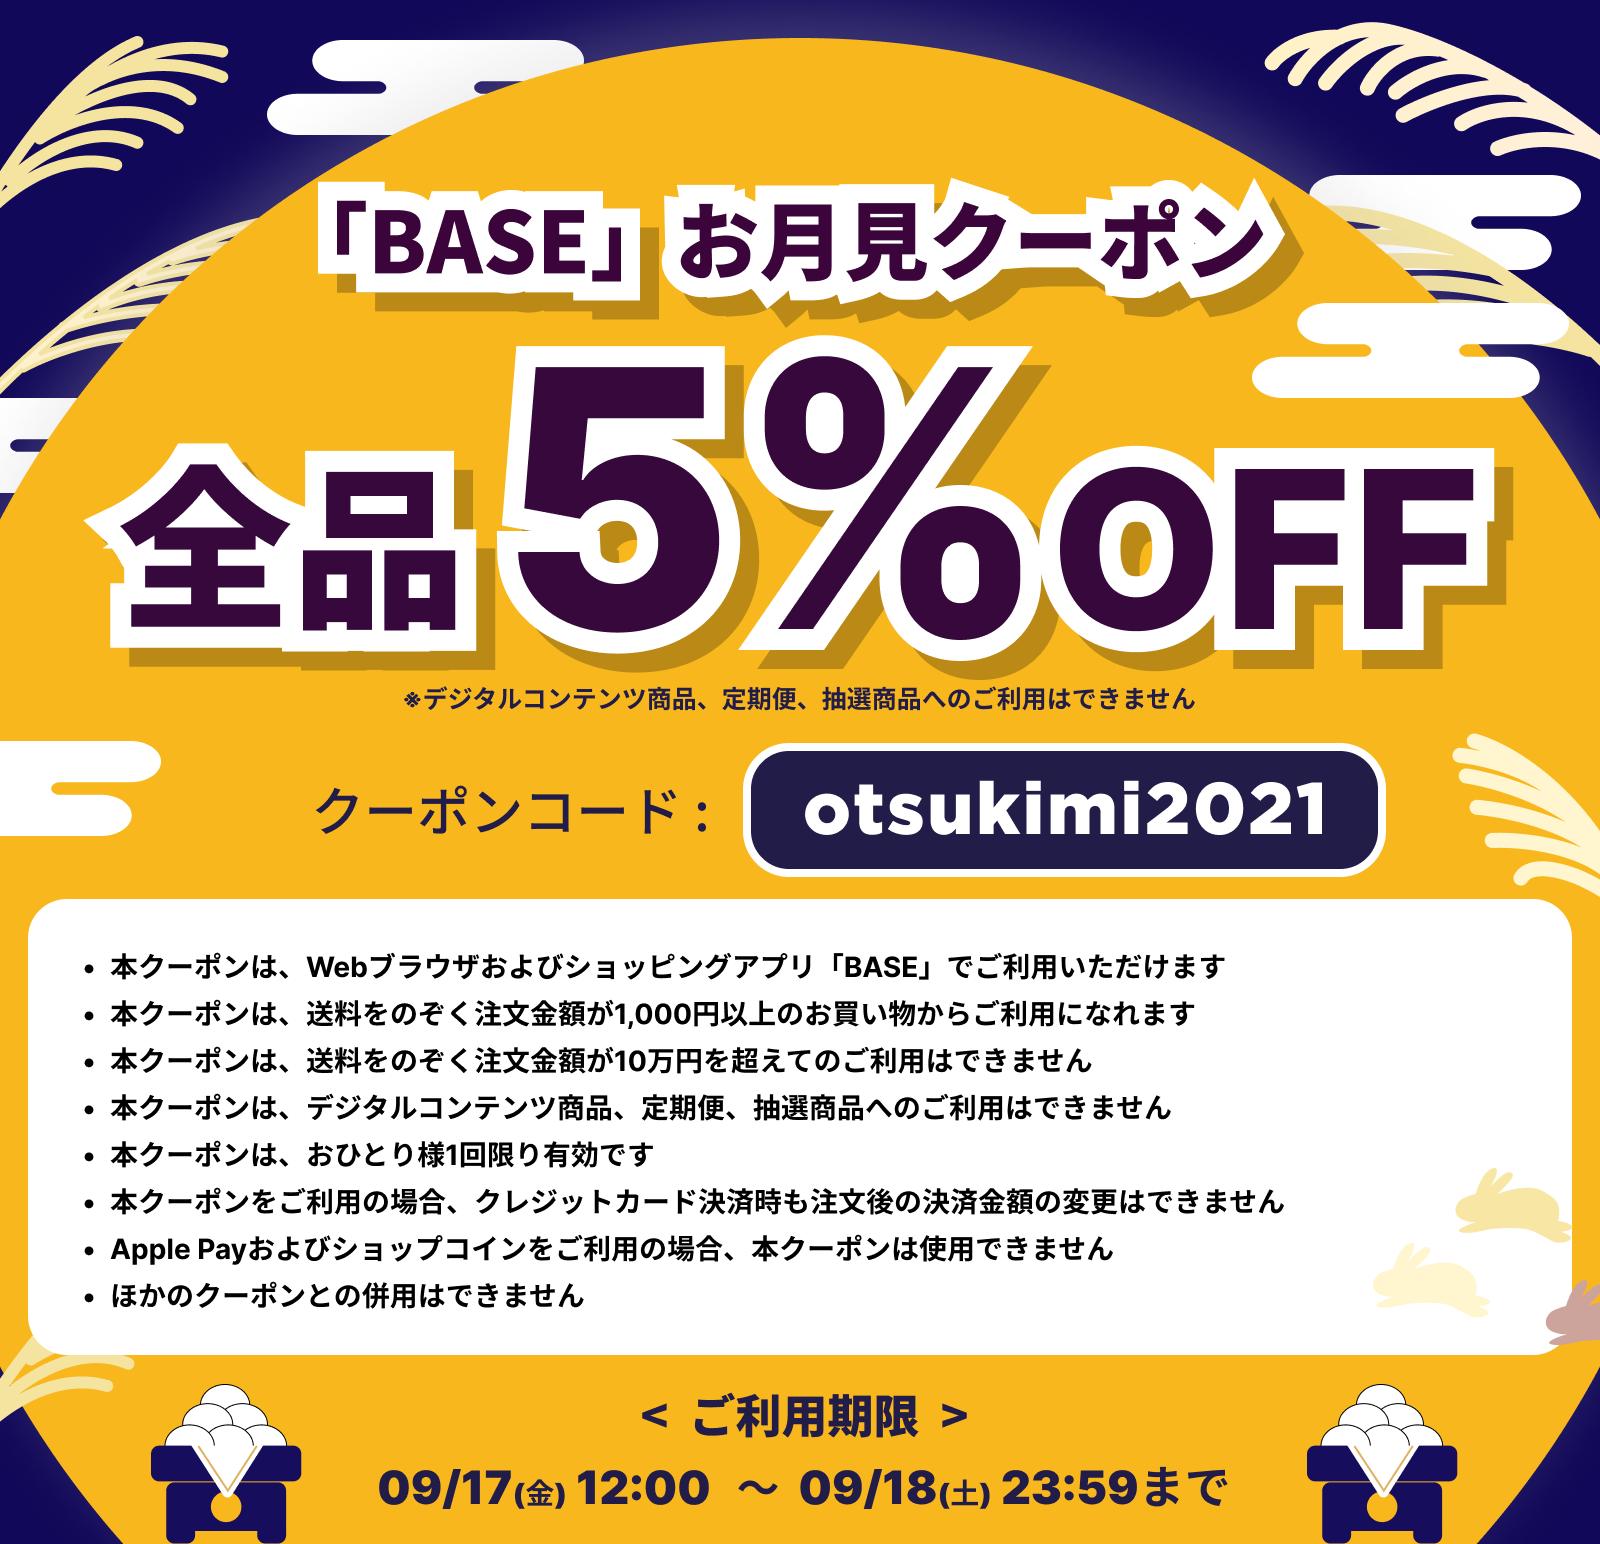 9/17・9/18限定!5%OFFクーポン配布☆